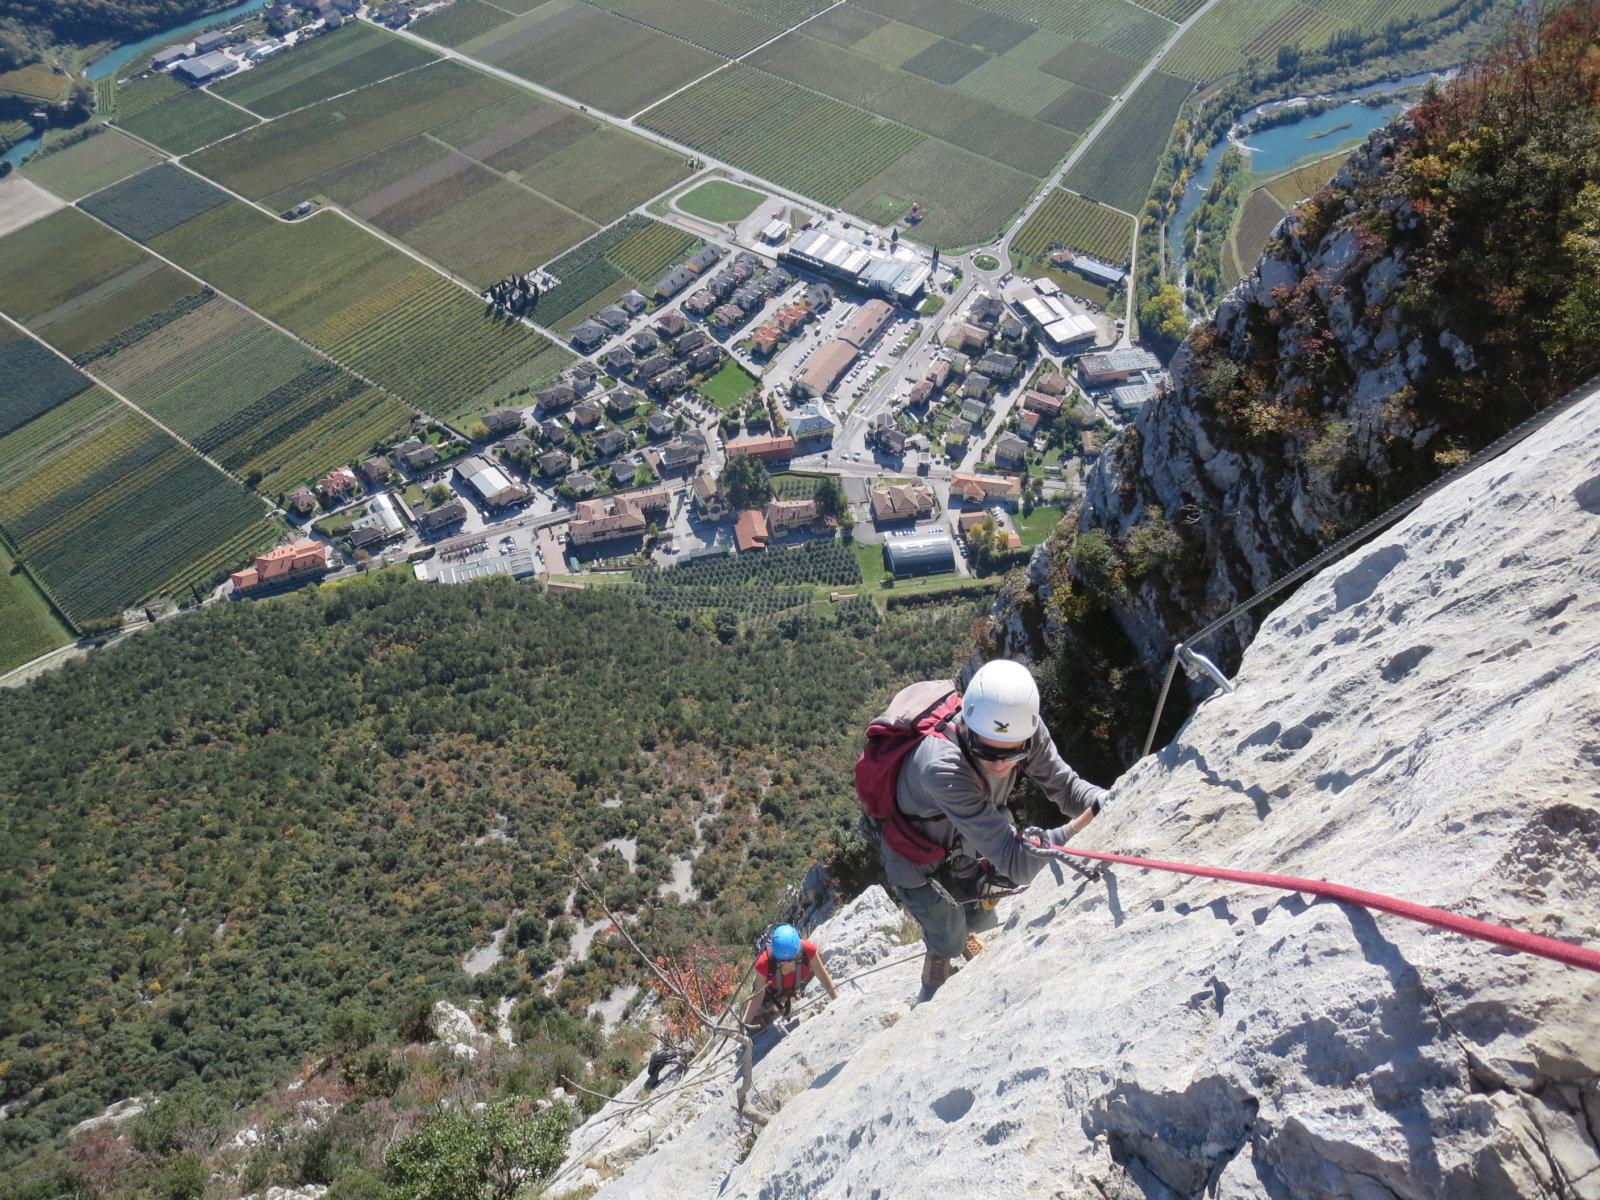 Klettersteig Arco : Klettersteige in arco